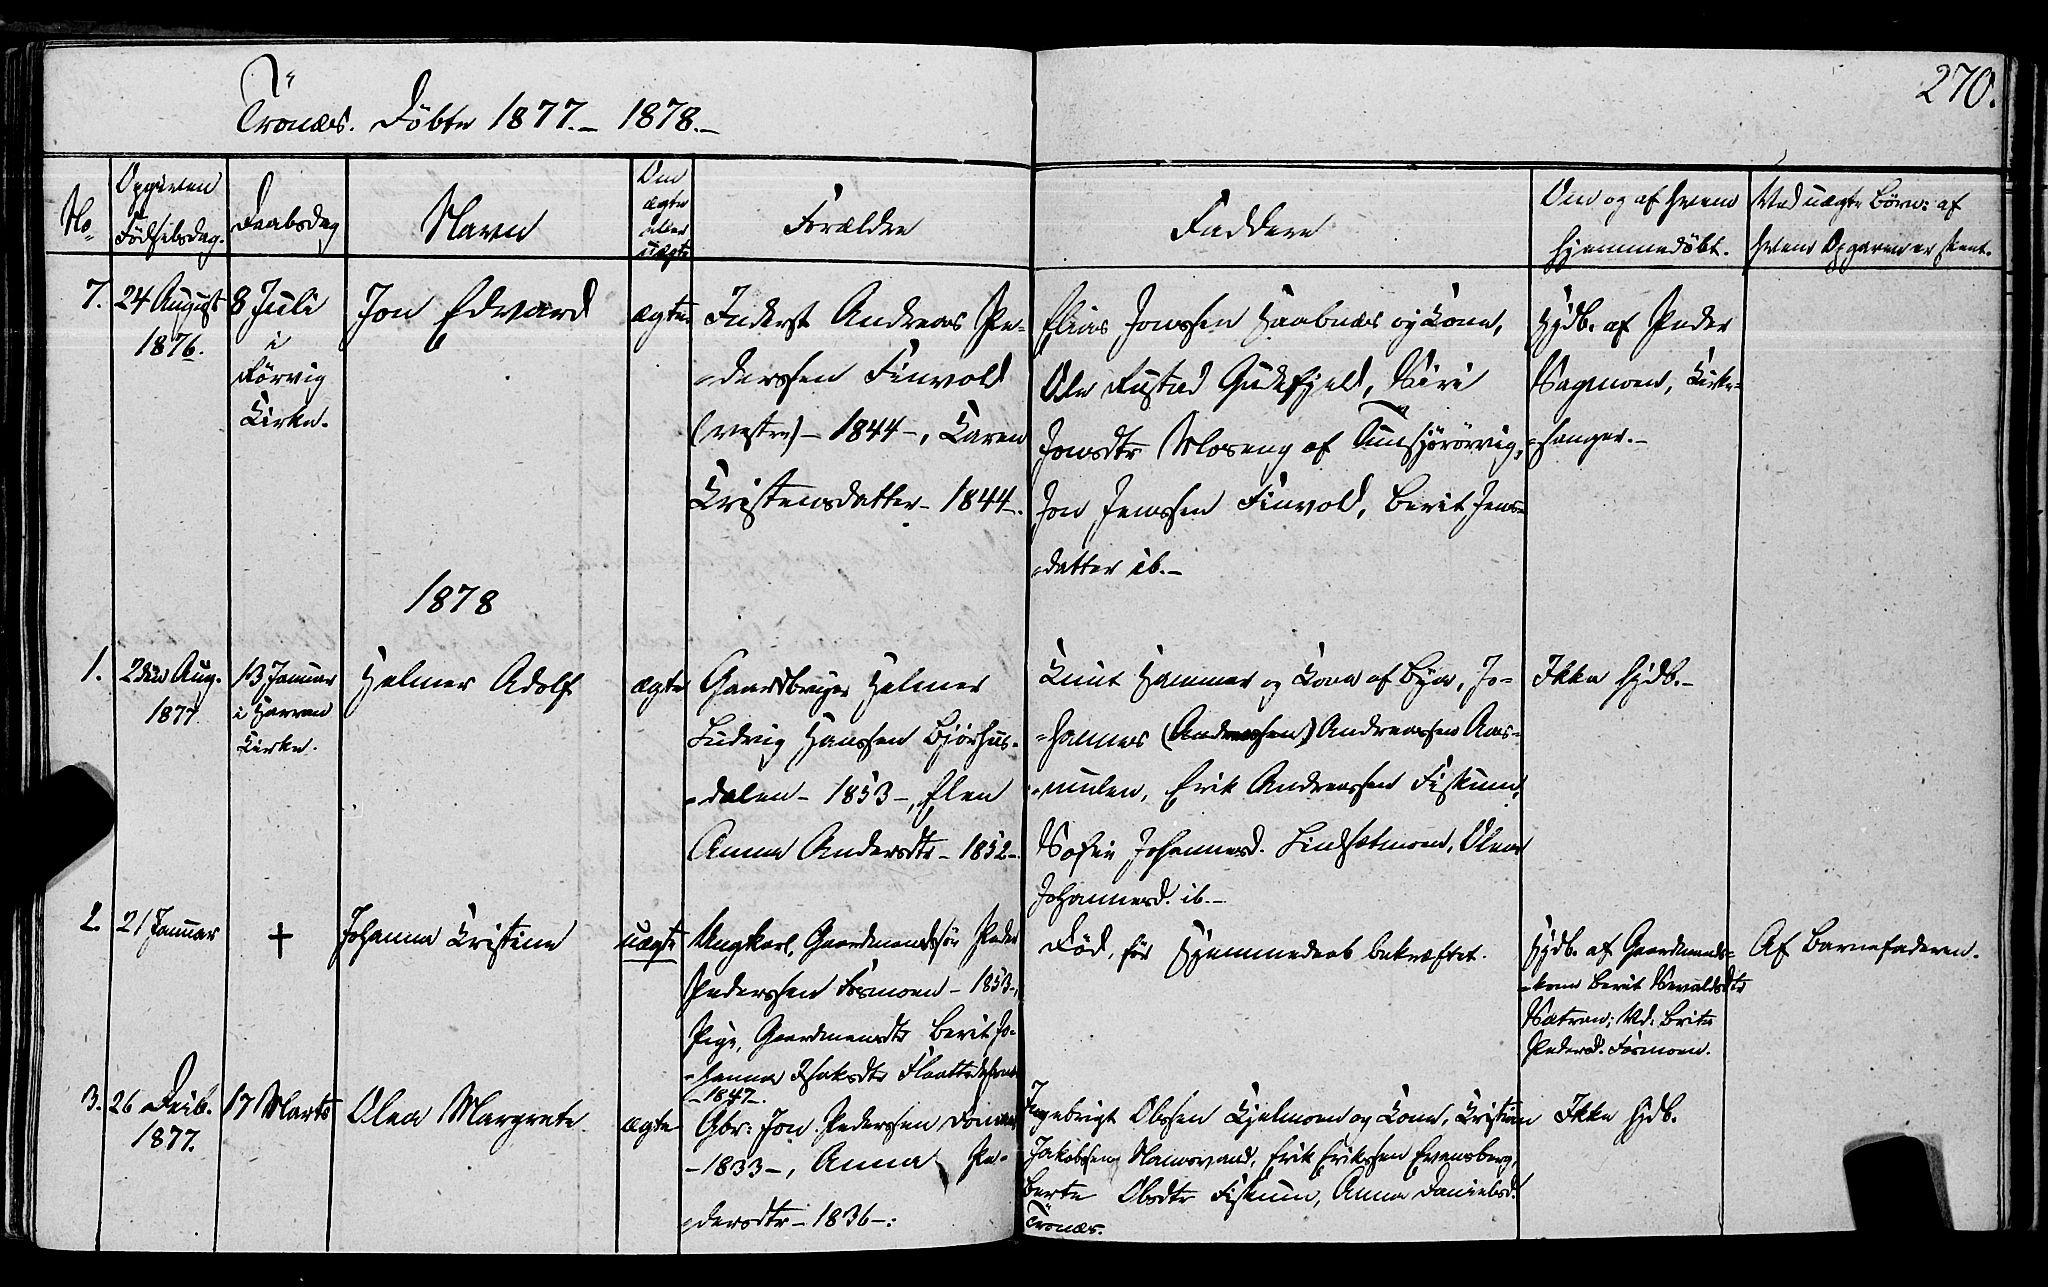 SAT, Ministerialprotokoller, klokkerbøker og fødselsregistre - Nord-Trøndelag, 762/L0538: Ministerialbok nr. 762A02 /2, 1833-1879, s. 270